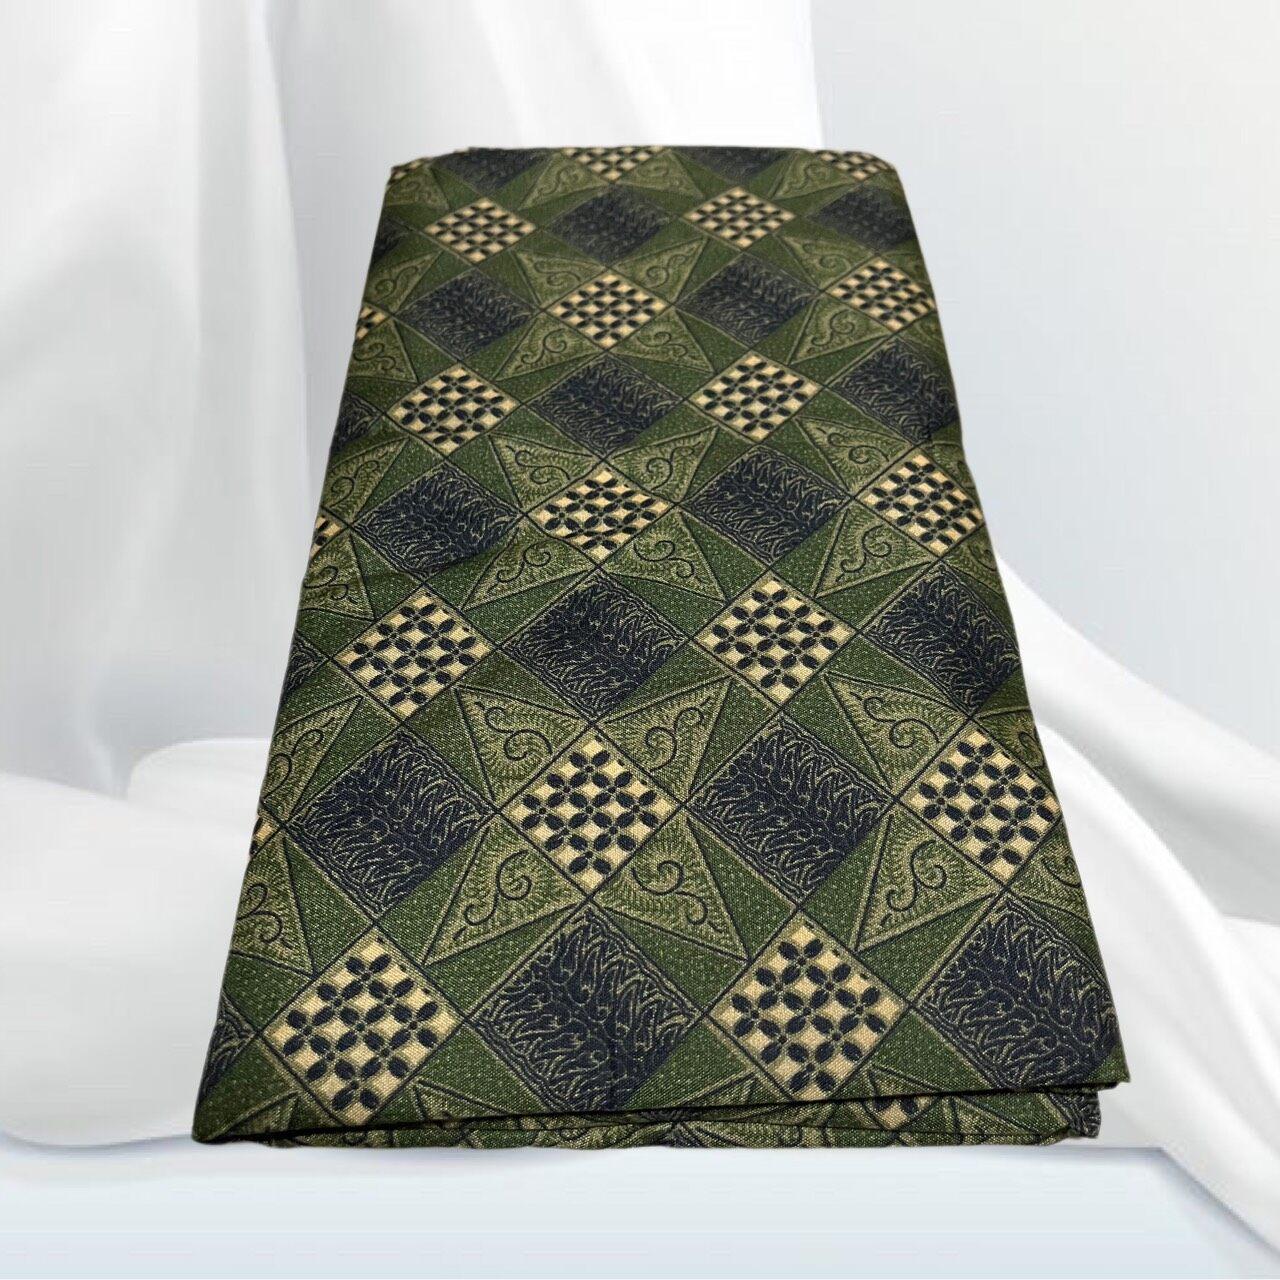 พร้อมส่ง!!ผ้าถุง ผ้าปาเต๊ะ ผ้าถุงเย็บแล้ว ผ้าถุง 2เมตร ผ้าถุงสำเร็จรูป ผ้าถุงภาคใต้ ผ้าปาเต๊ะตัดชุด ผ้าถุงราคาส่ง เก็บเงินปลายทางได้